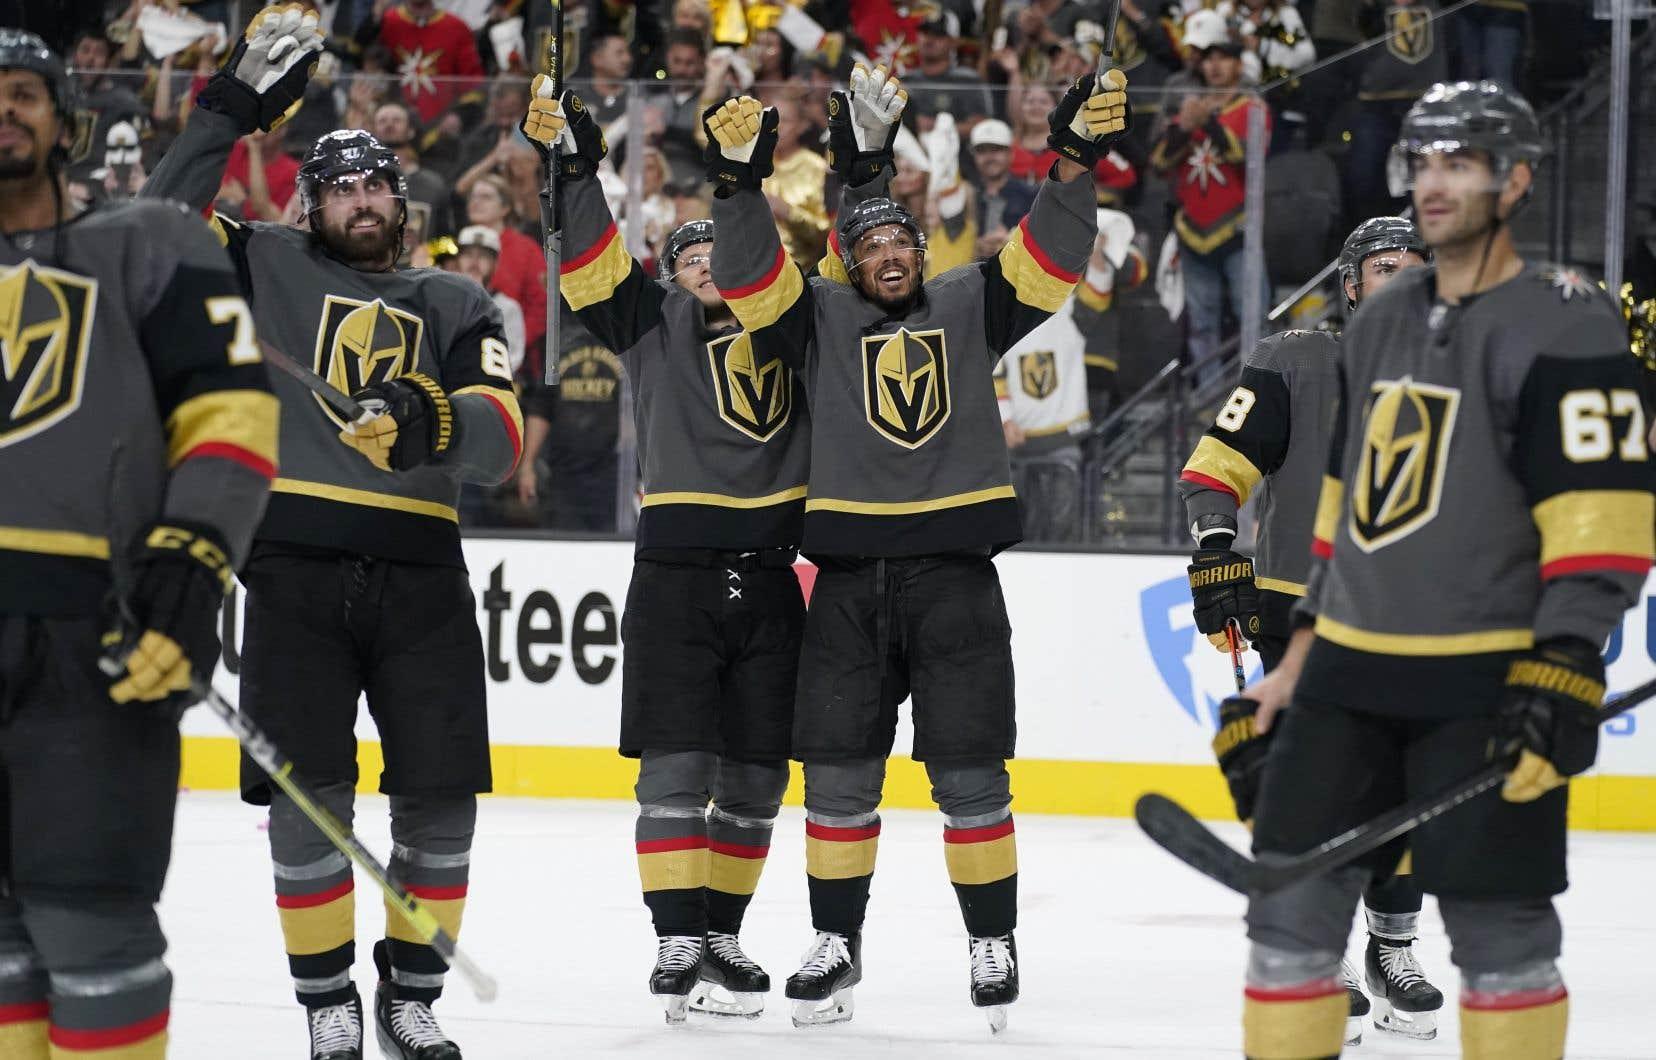 Les Golden Knights ont eu besoin de six rencontres pour venir à bout de l'Avalanche du Colorado, remportant quatre matchs de suite après avoir accusé un retard de 2-0 dans la série.